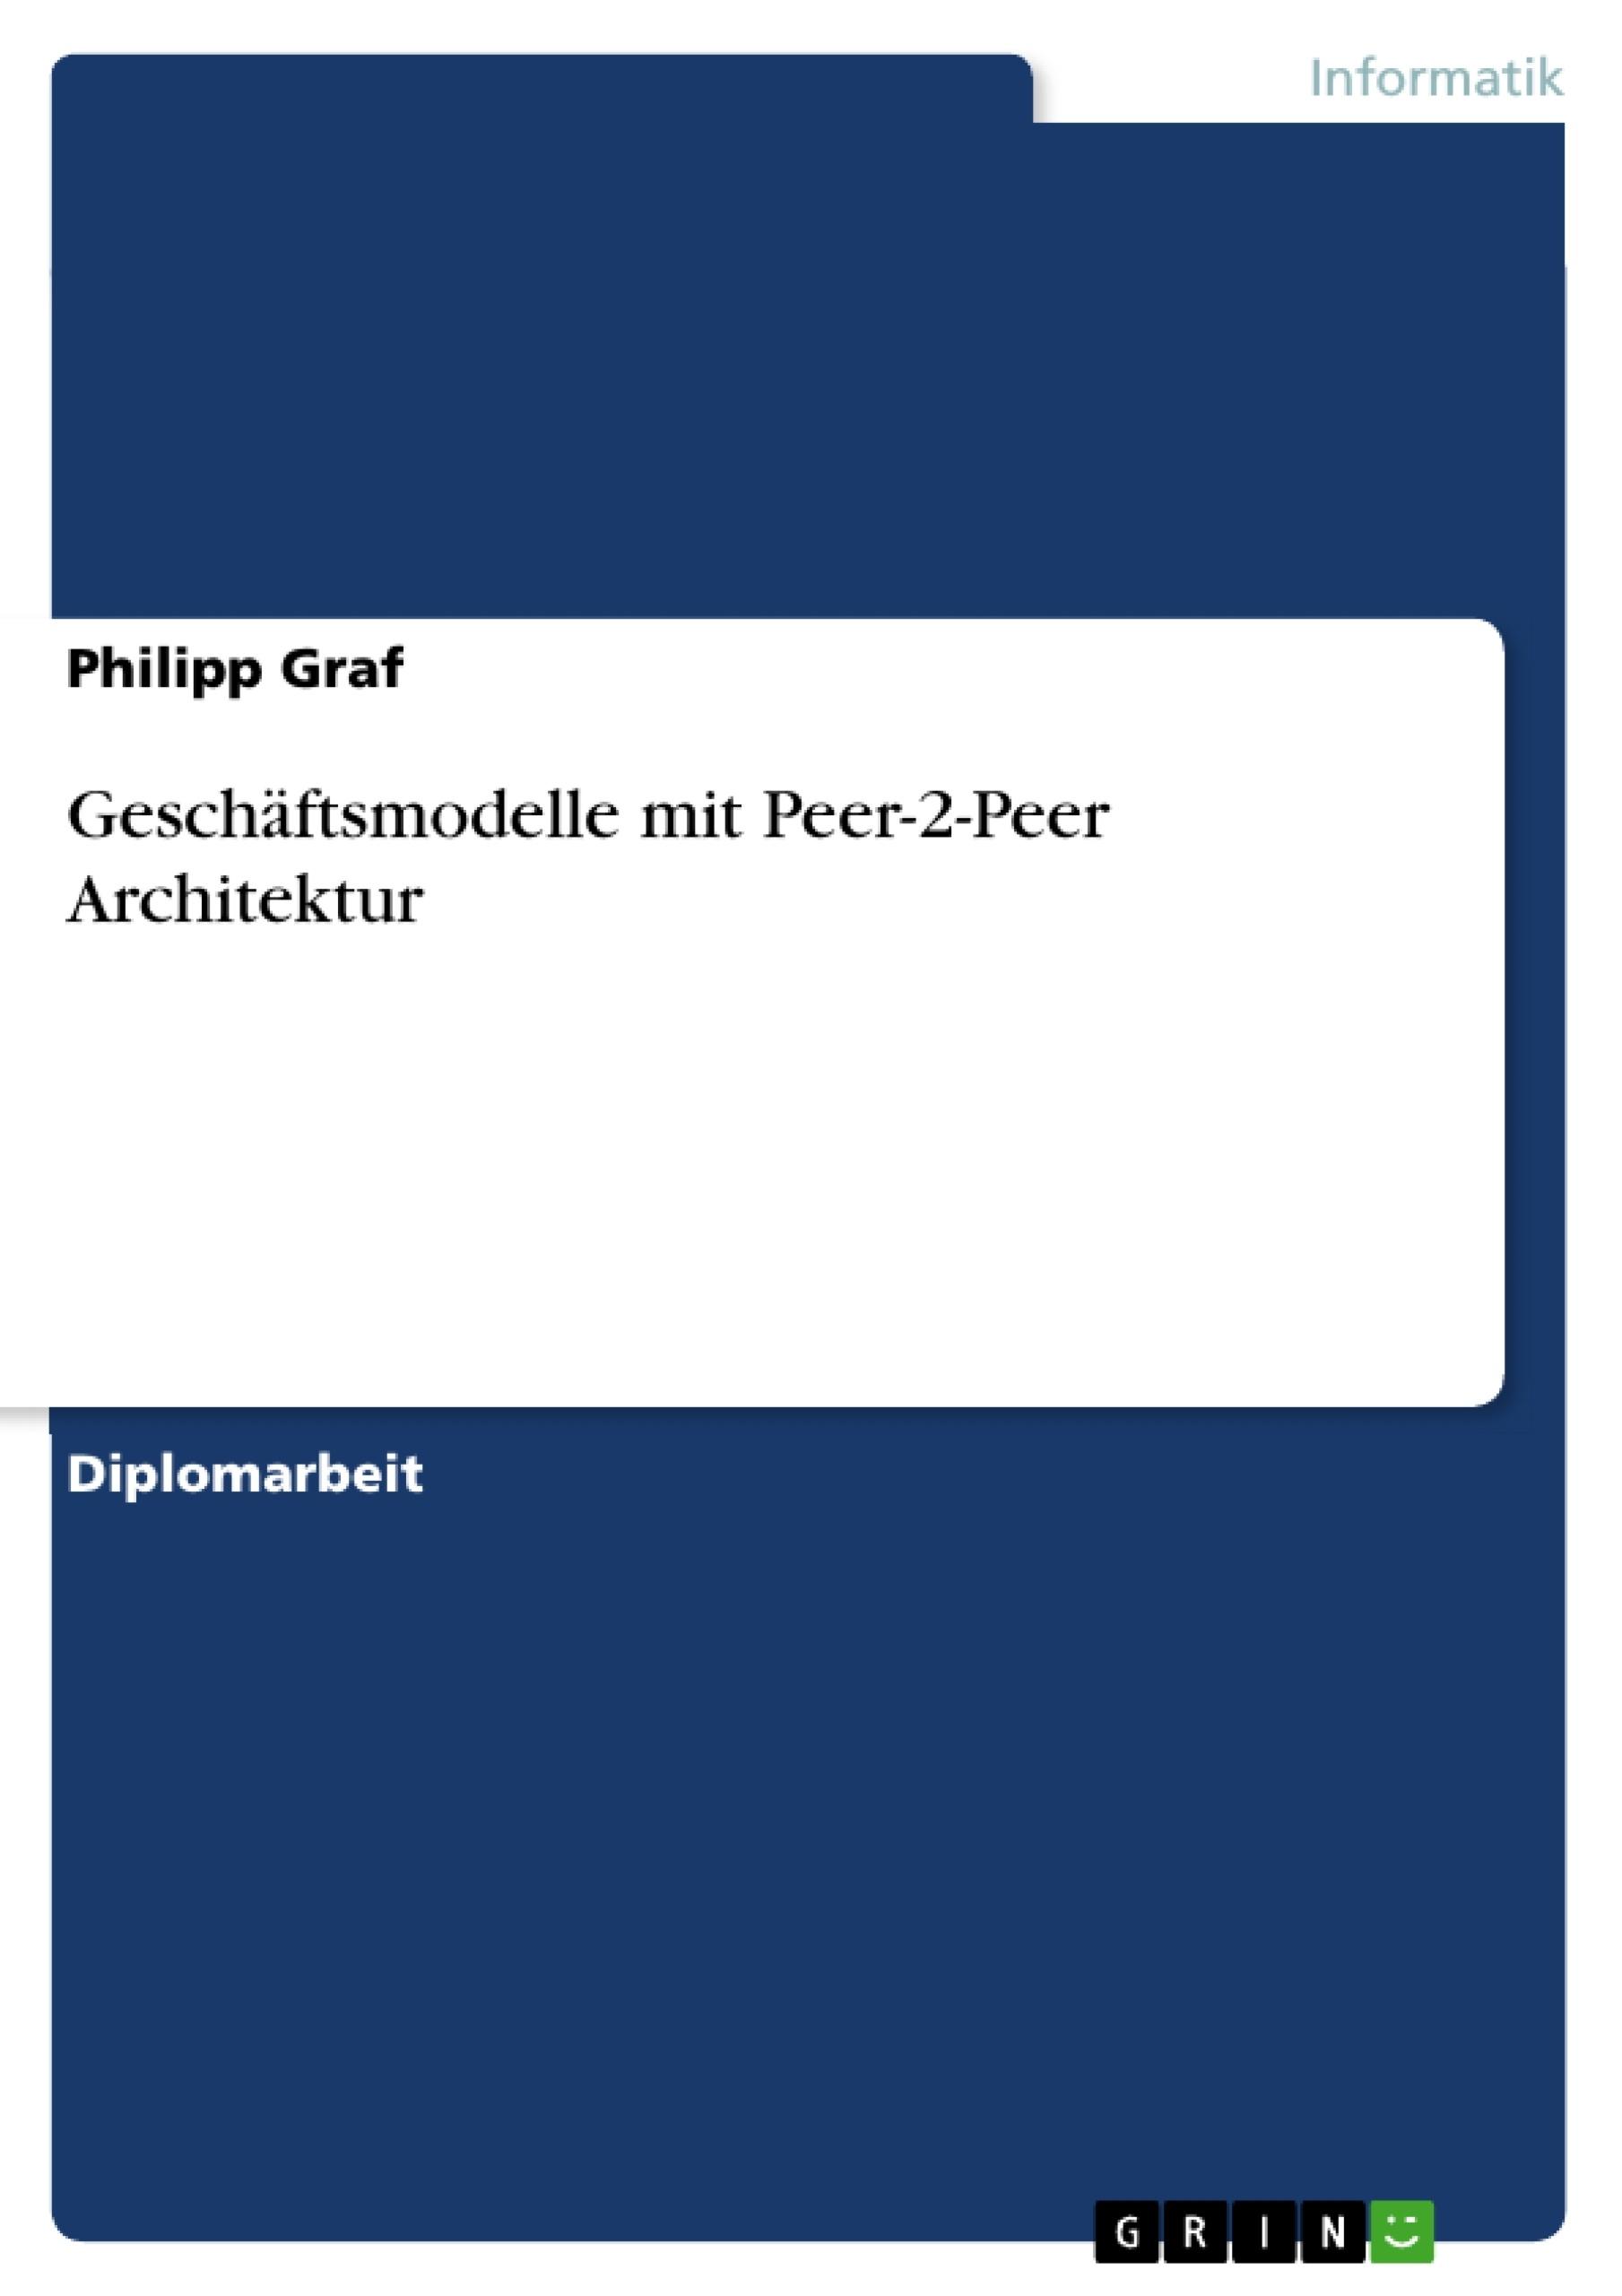 Titel: Geschäftsmodelle mit Peer-2-Peer Architektur